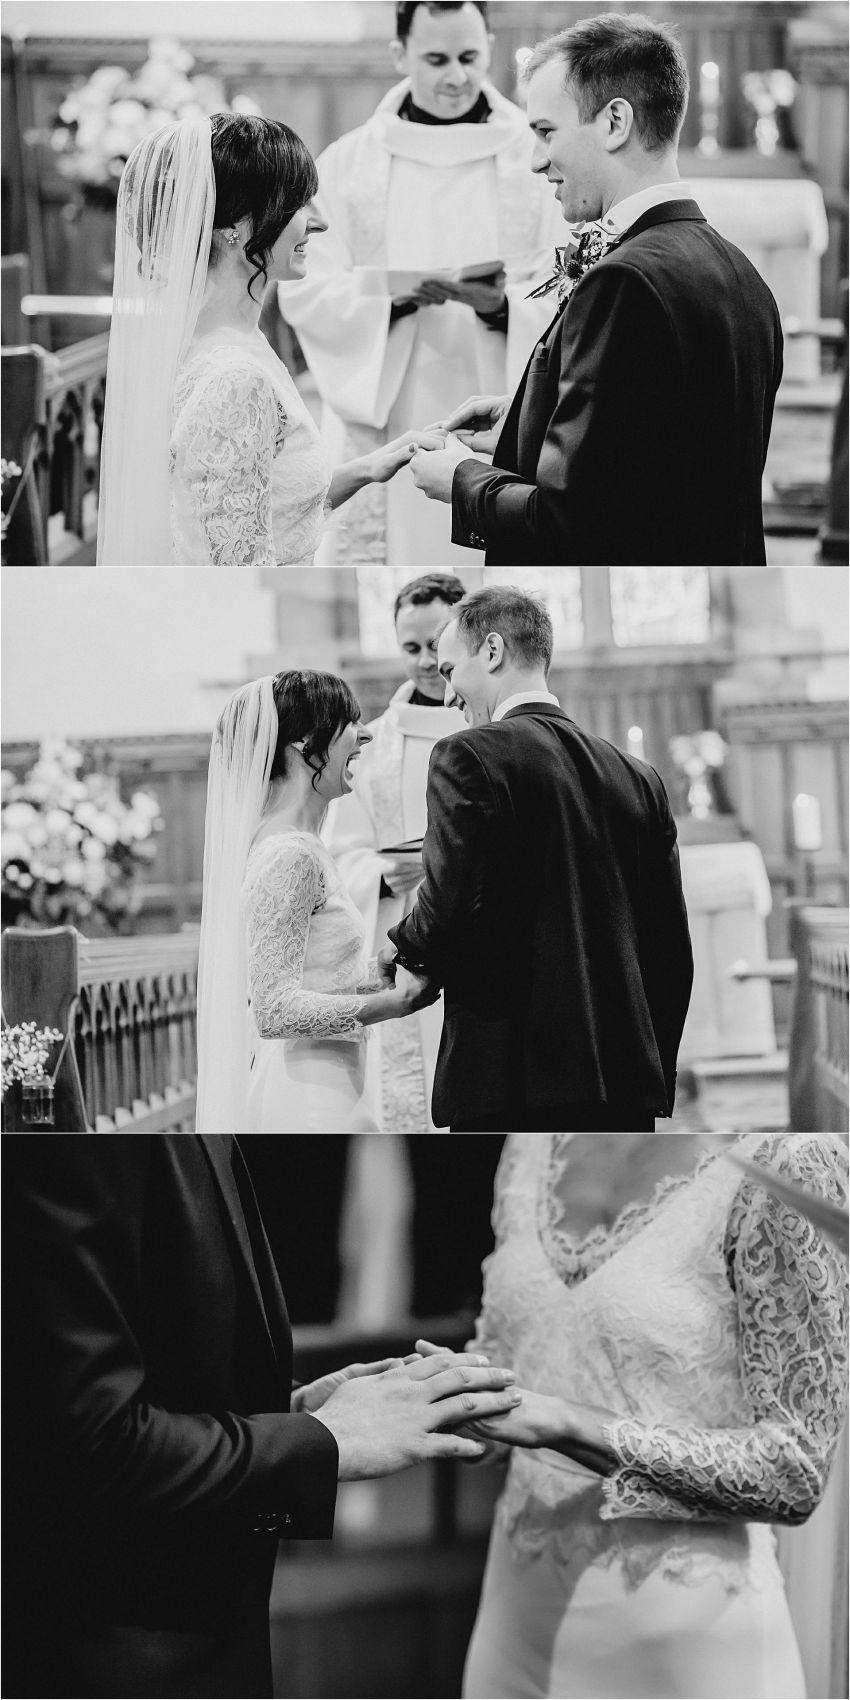 photos of the wedding